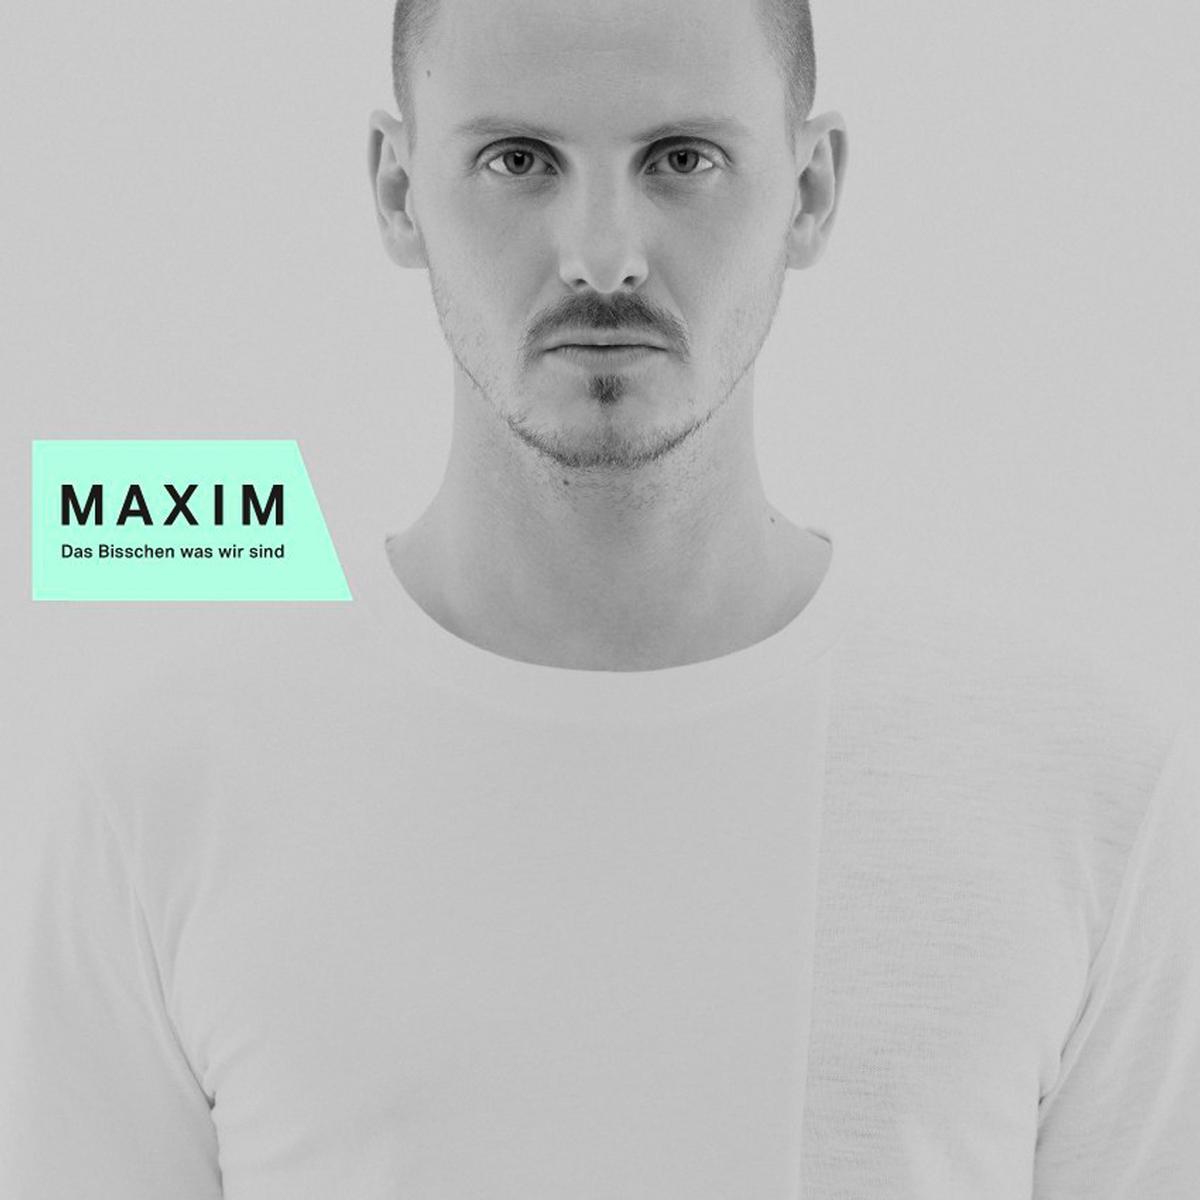 Maxim - Das bisschen, was wir sind